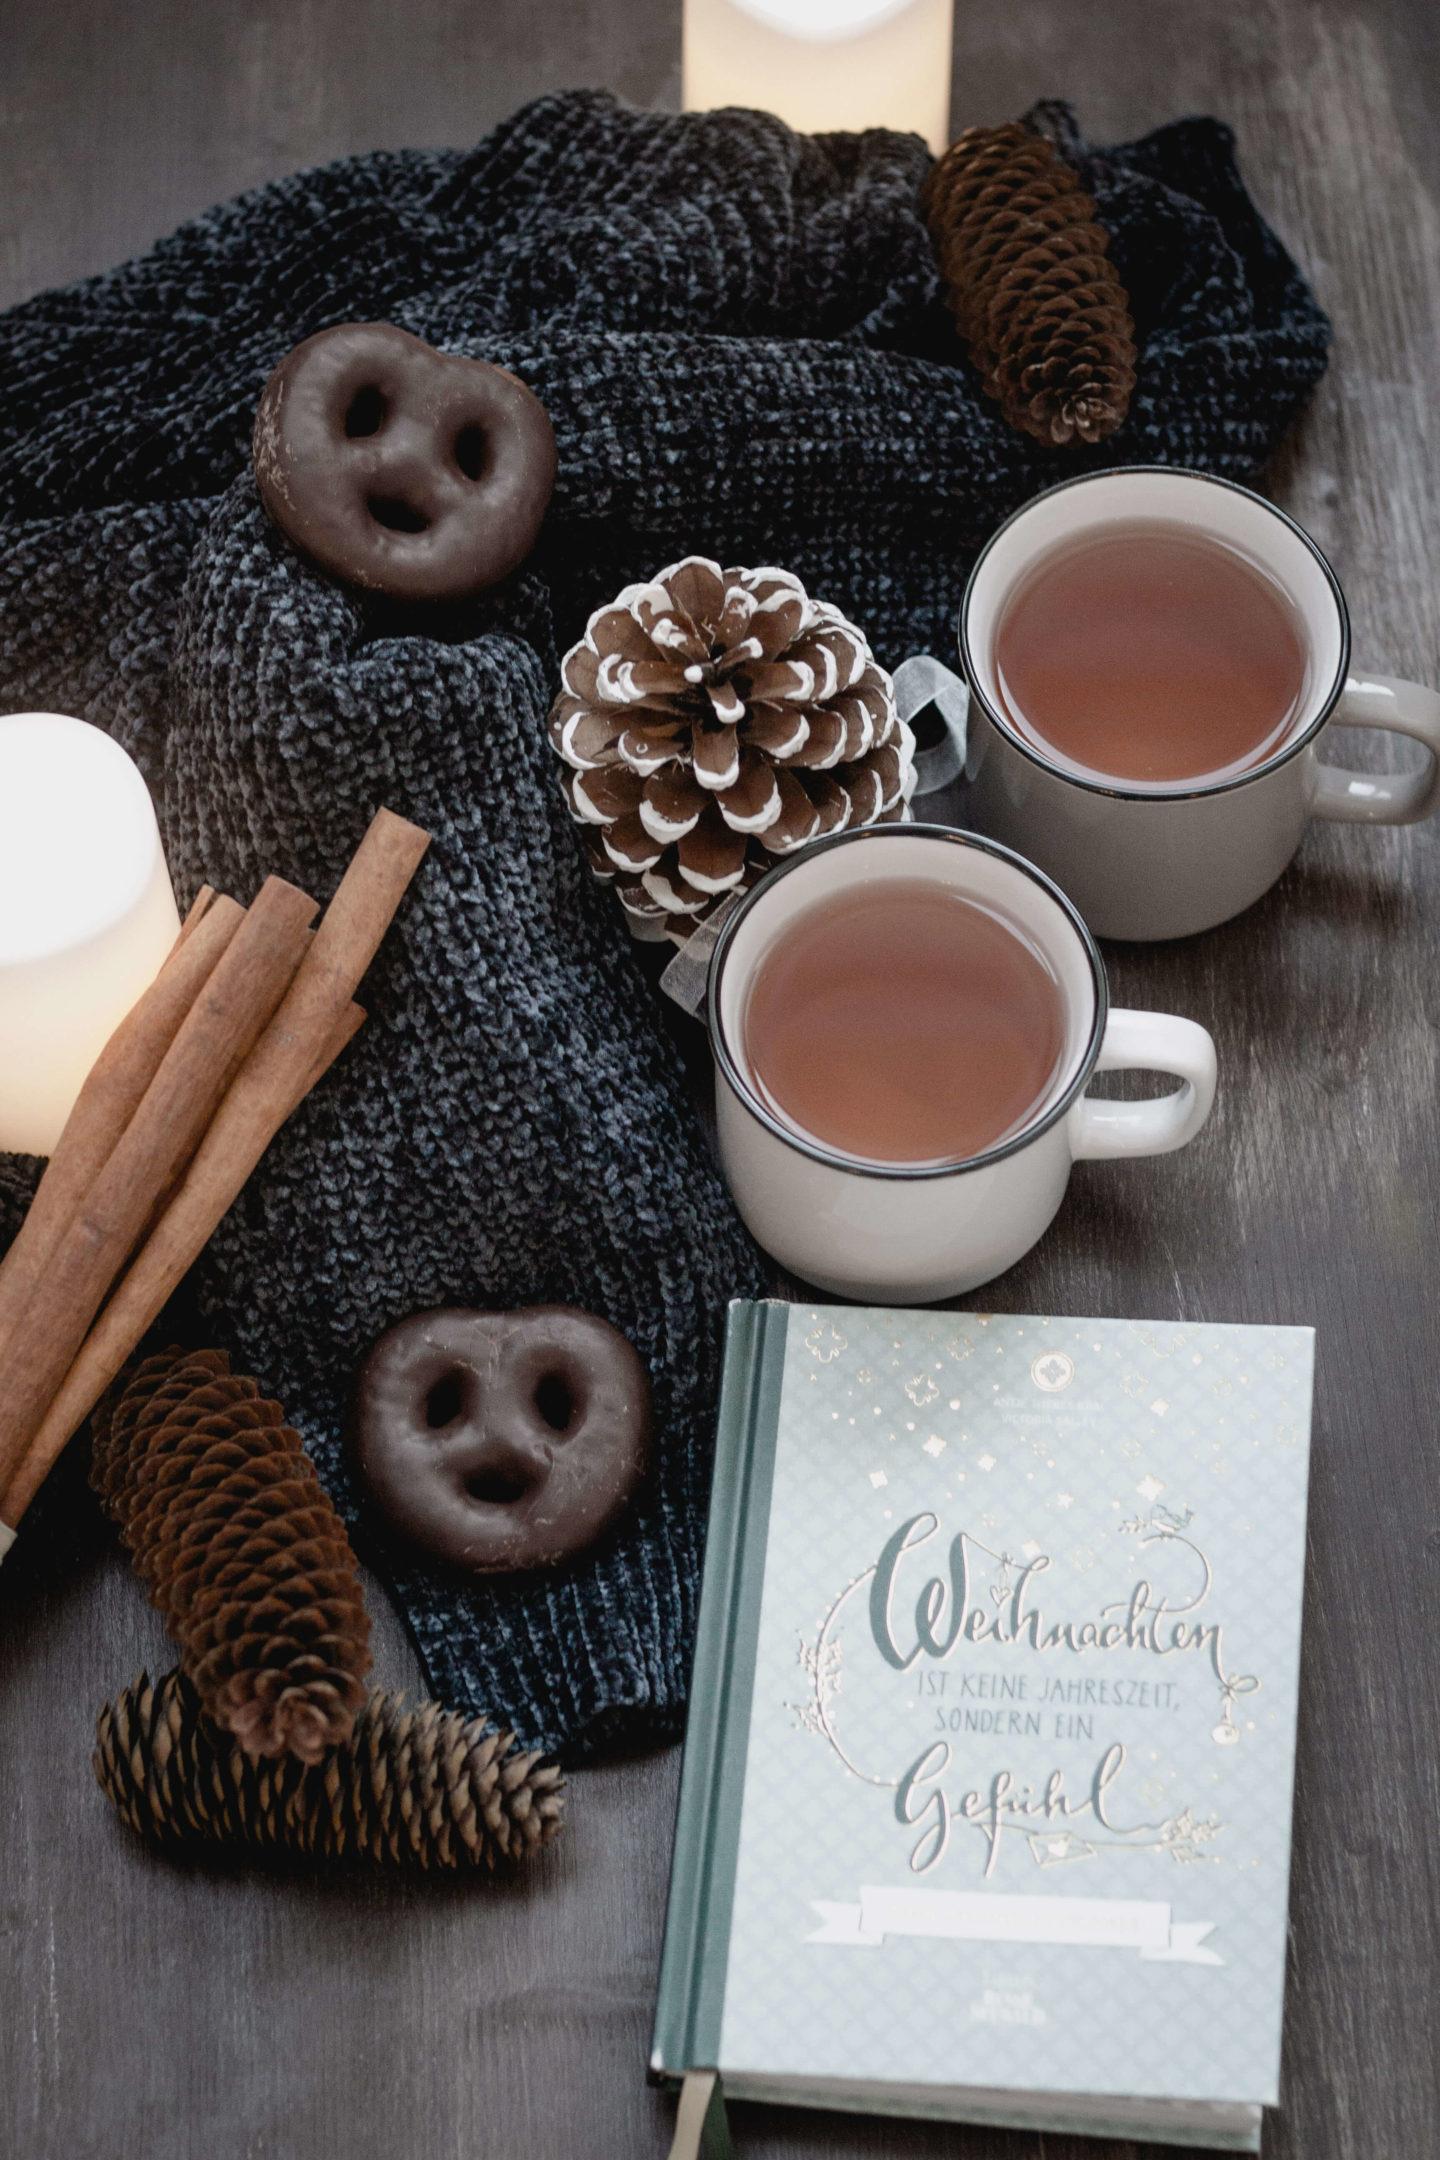 Mein Weihnachtsplaner Buch - Hyggelig durch den Advent!